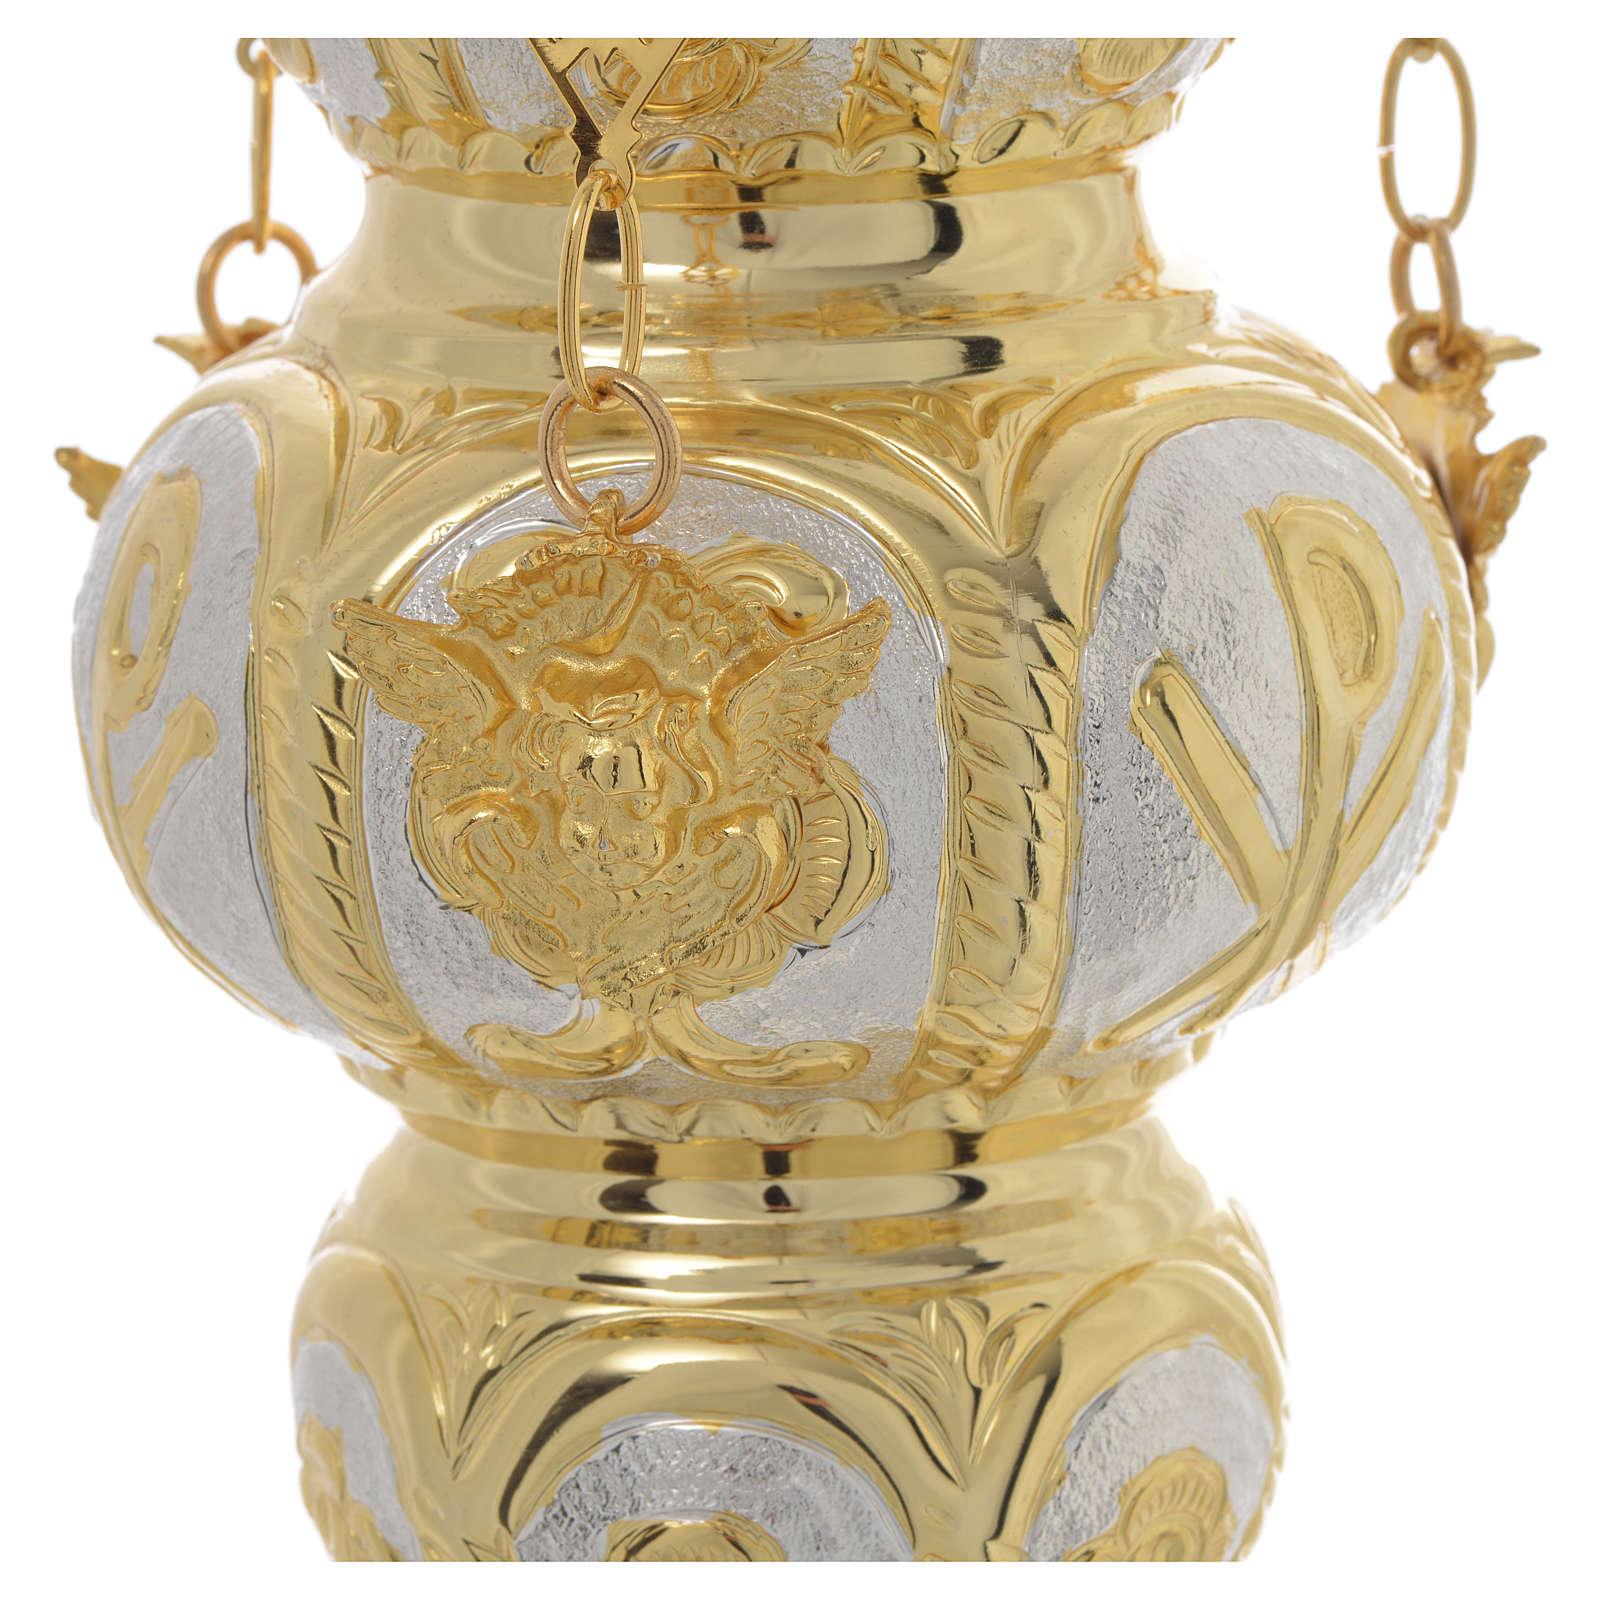 Lampada Santissimo Ortodossa ottone dorato cm 14x12 3